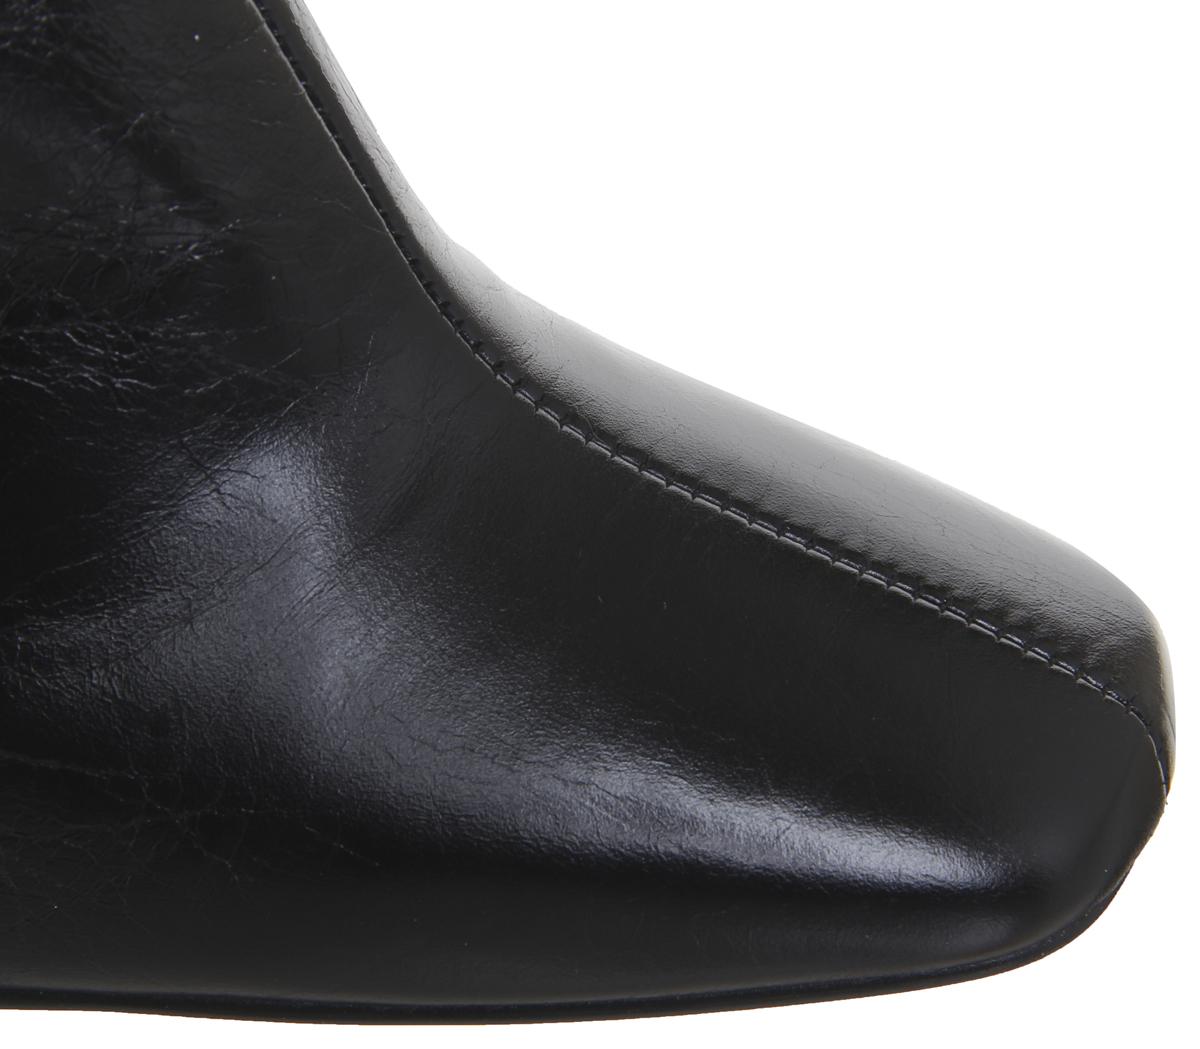 Detalles de Mujer Office Todos Derecho Tacón en Bloque Botas Cuero Negro Efecto Madera de